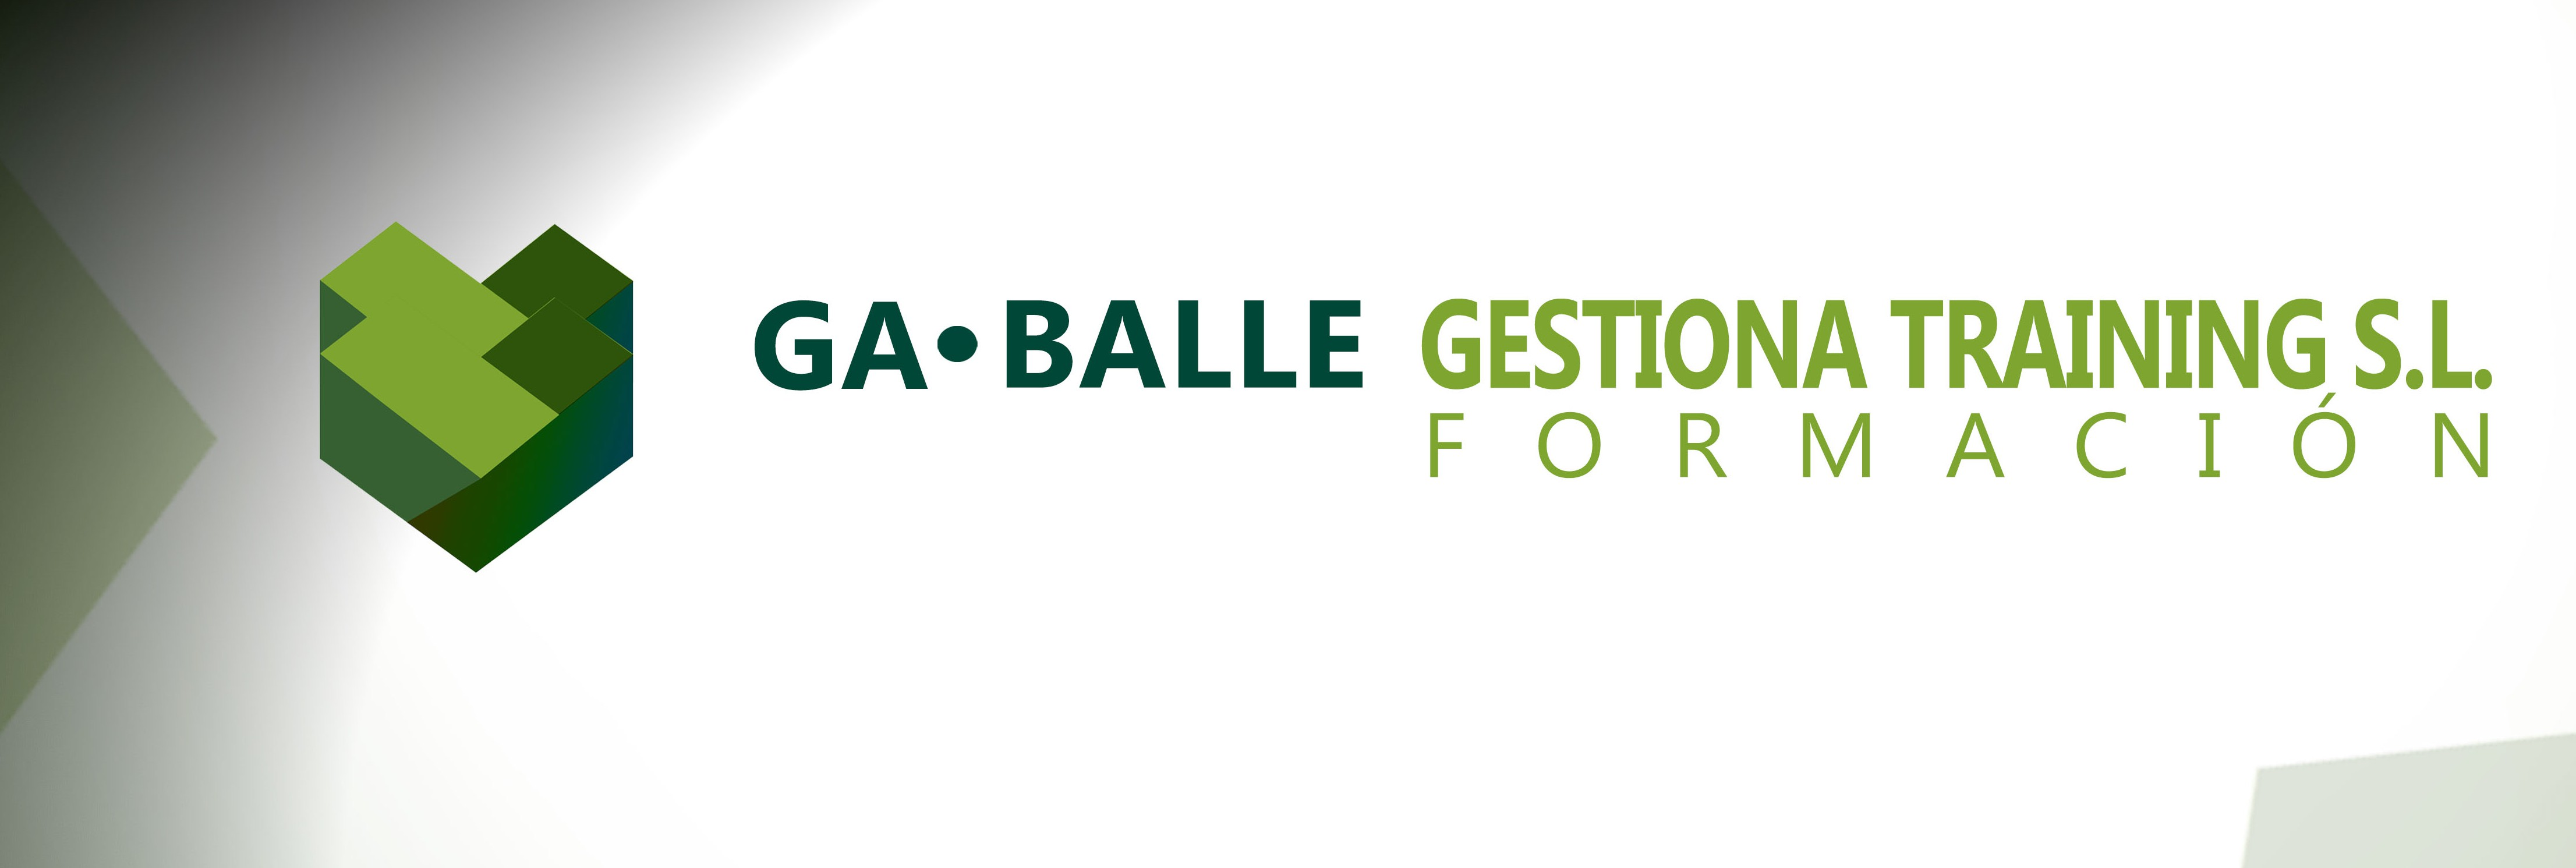 GABALLE GESTIONA TRAINING S.L